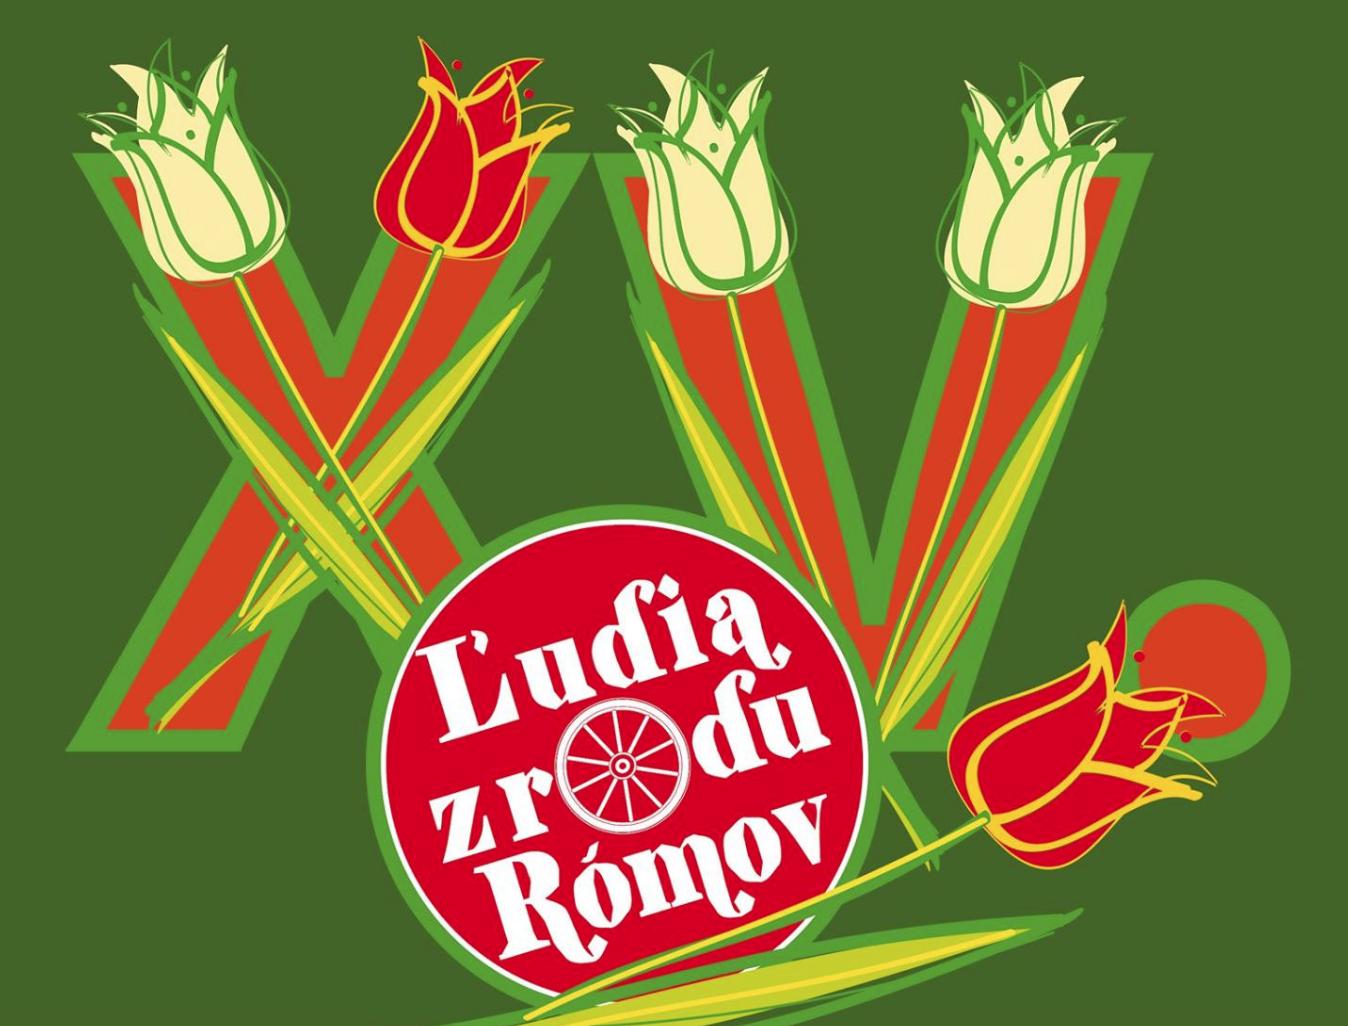 ludia-z-rodu-2016-ilu